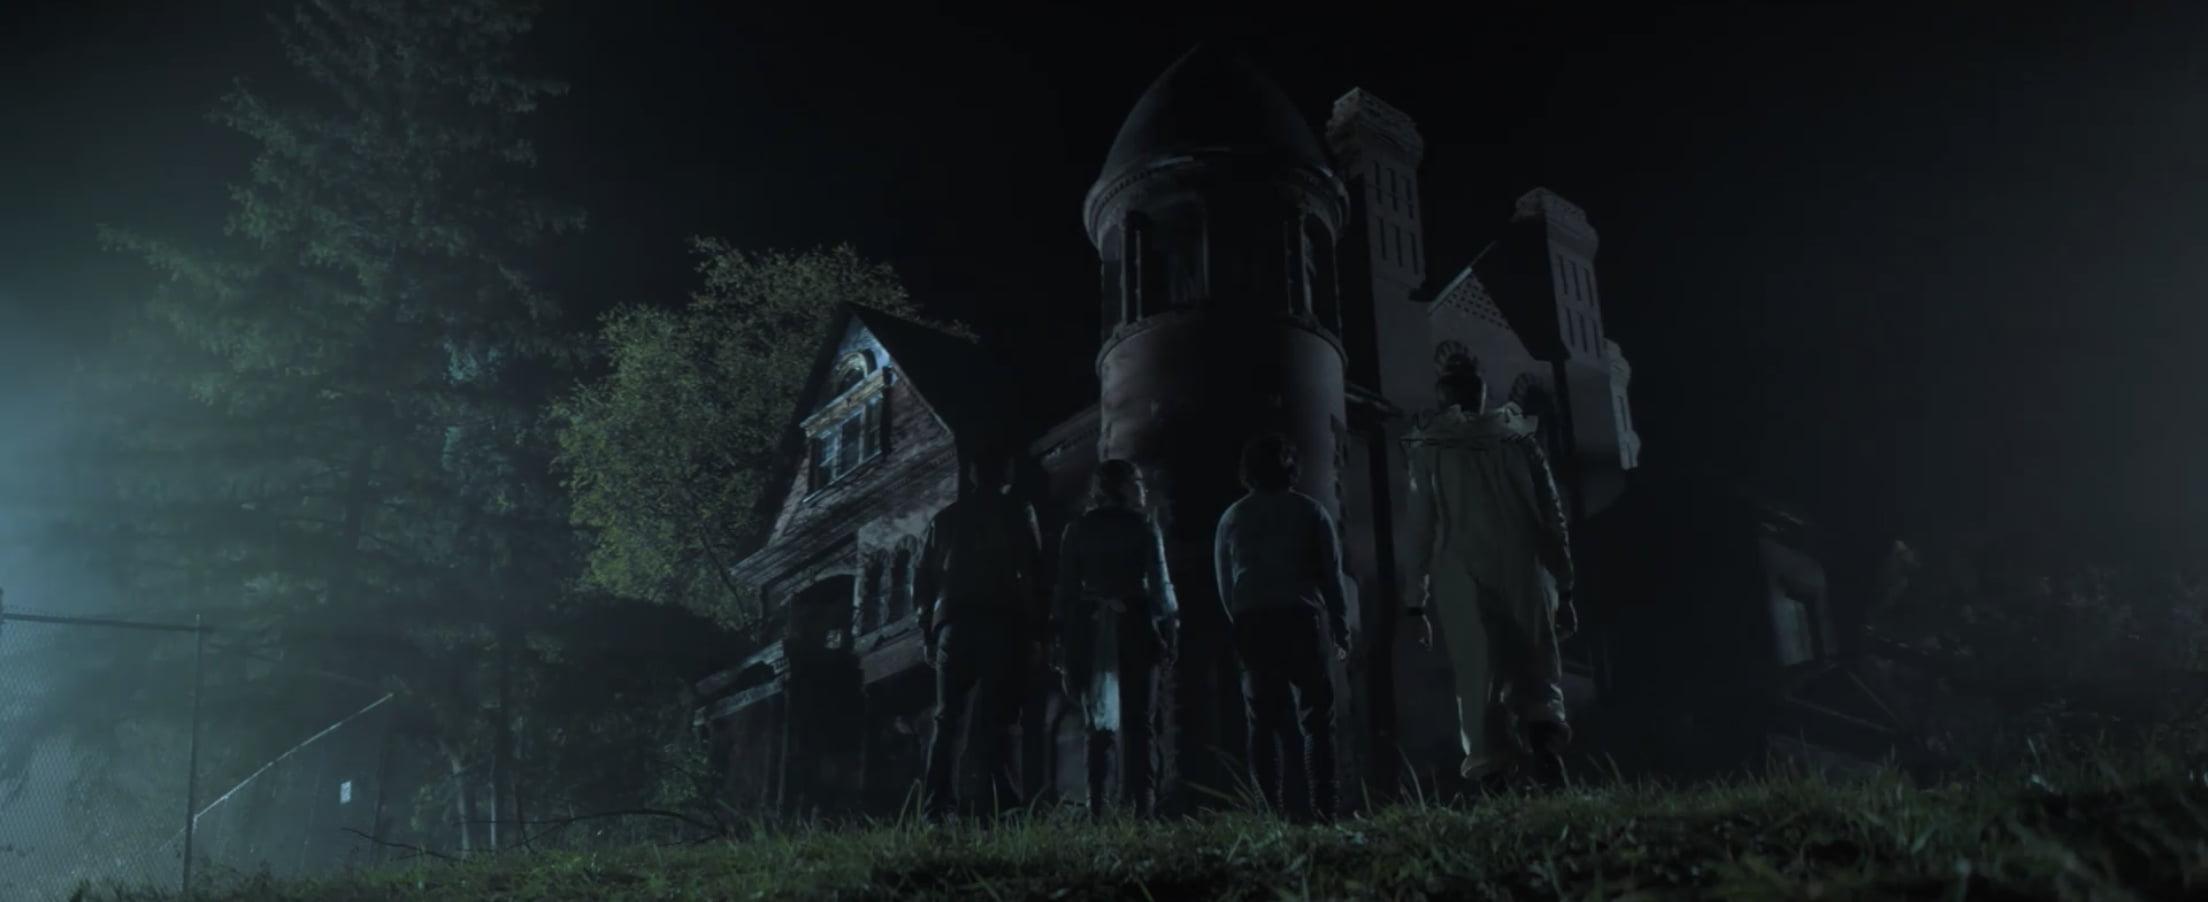 Halloween: 10 Film Per Ragazzi Da Guardare O Riguardare 9 - Hynerd.it